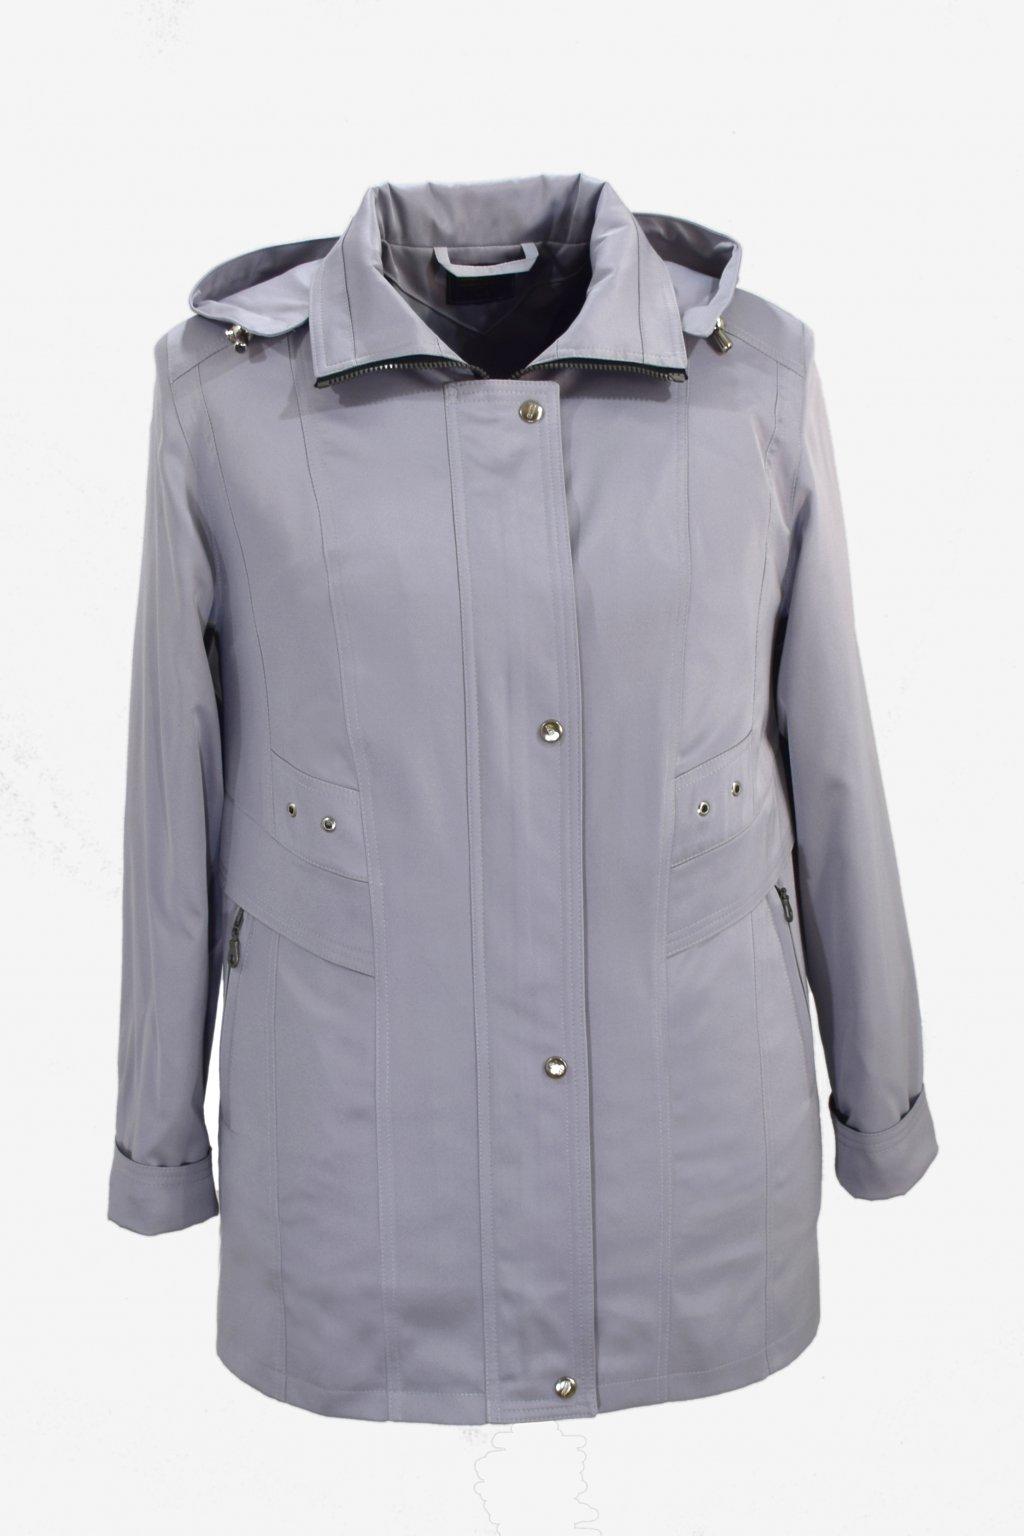 Dámská světle šedá jarní bunda Helena nadměrné velikosti.